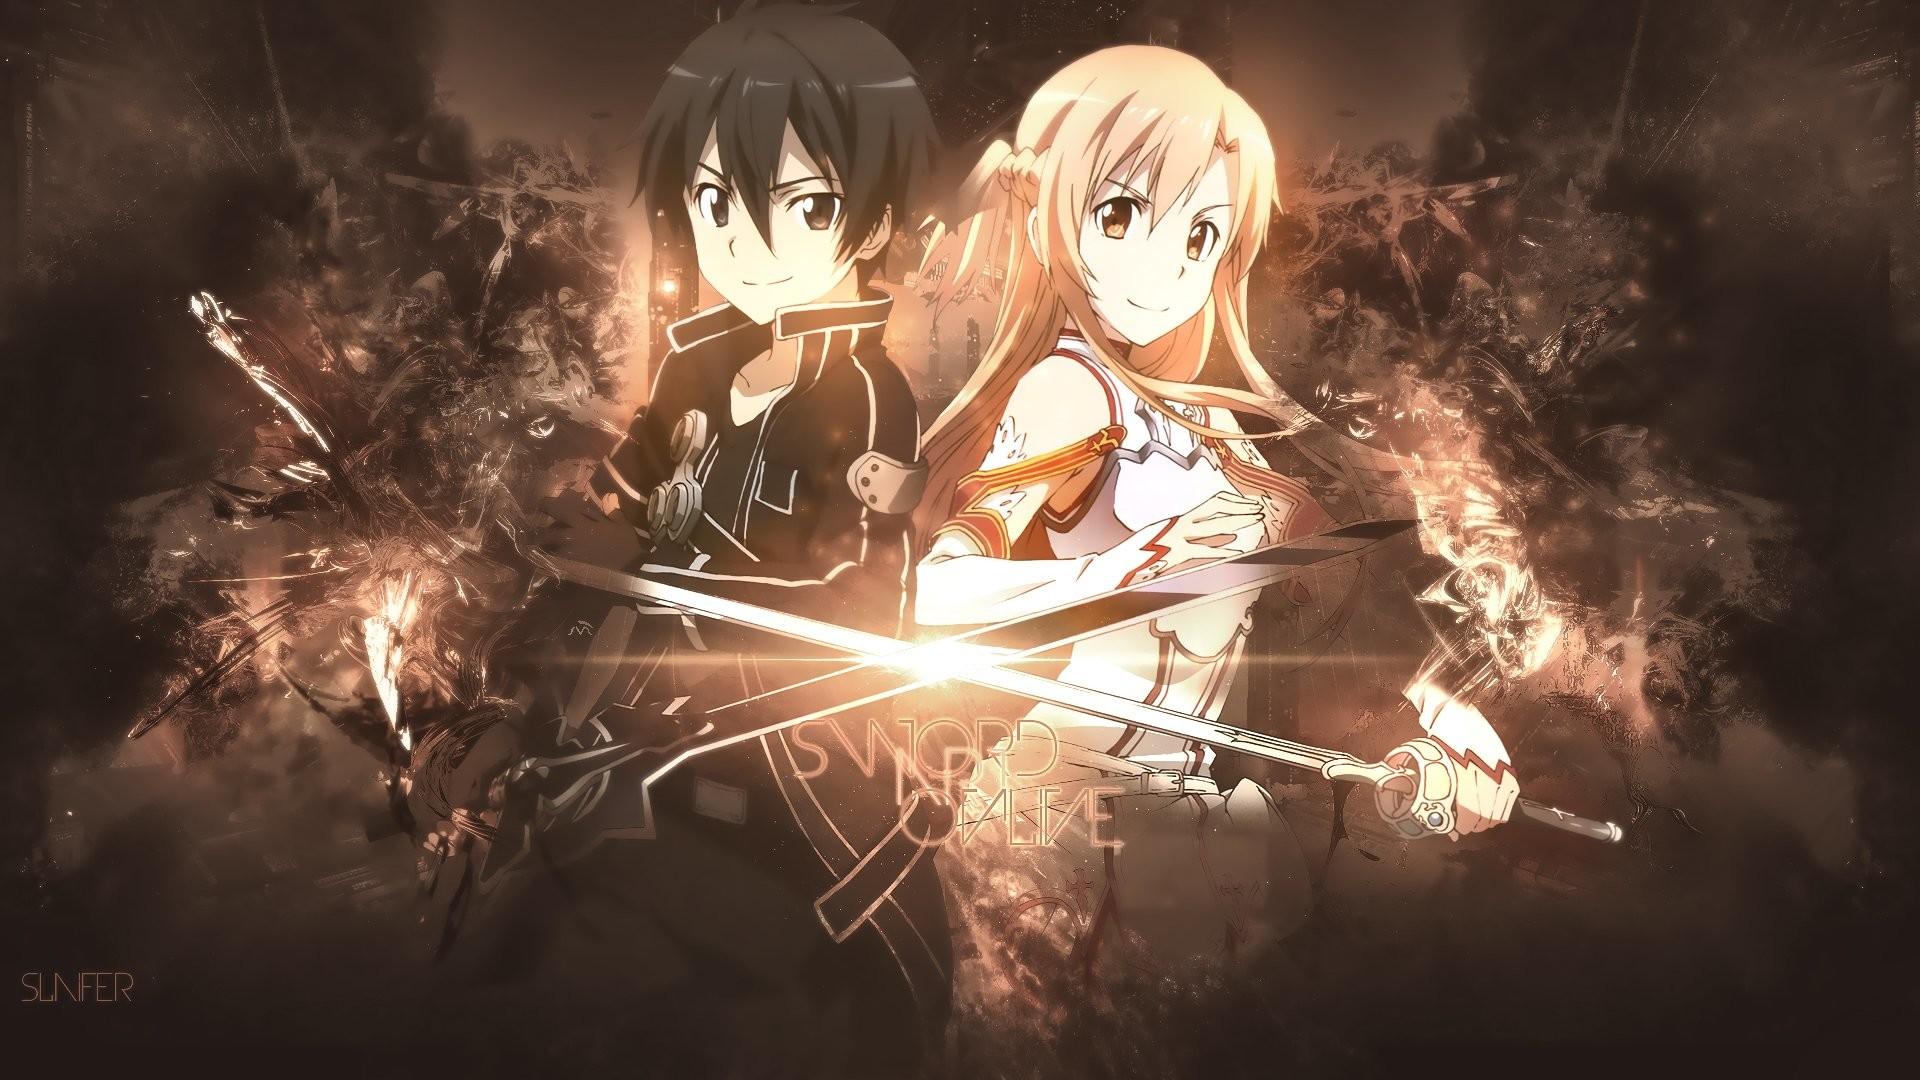 HD Wallpaper | Background ID:301609. Anime Sword Art Online. 336  Like